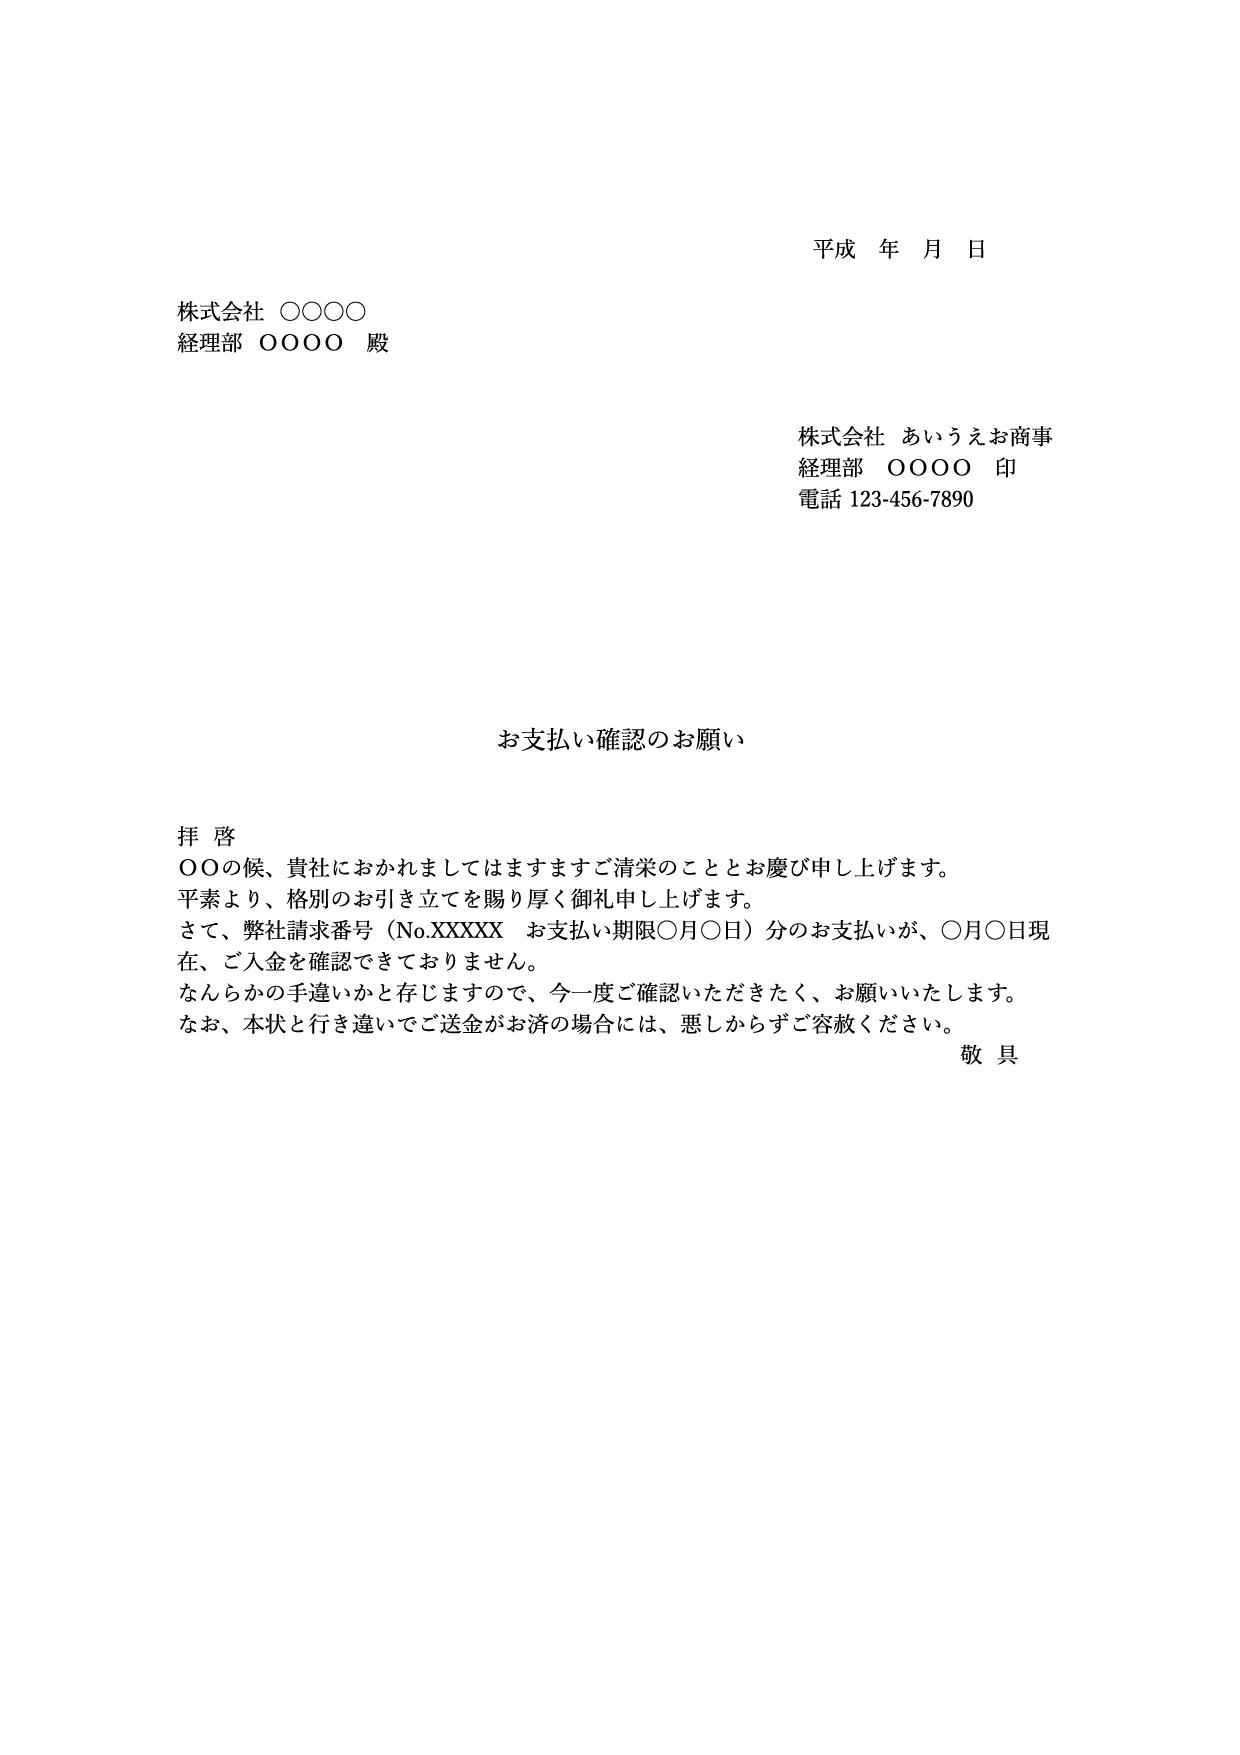 督促状_文例テンプレート『送金確認・依頼・催促』(ワード・ページズ)